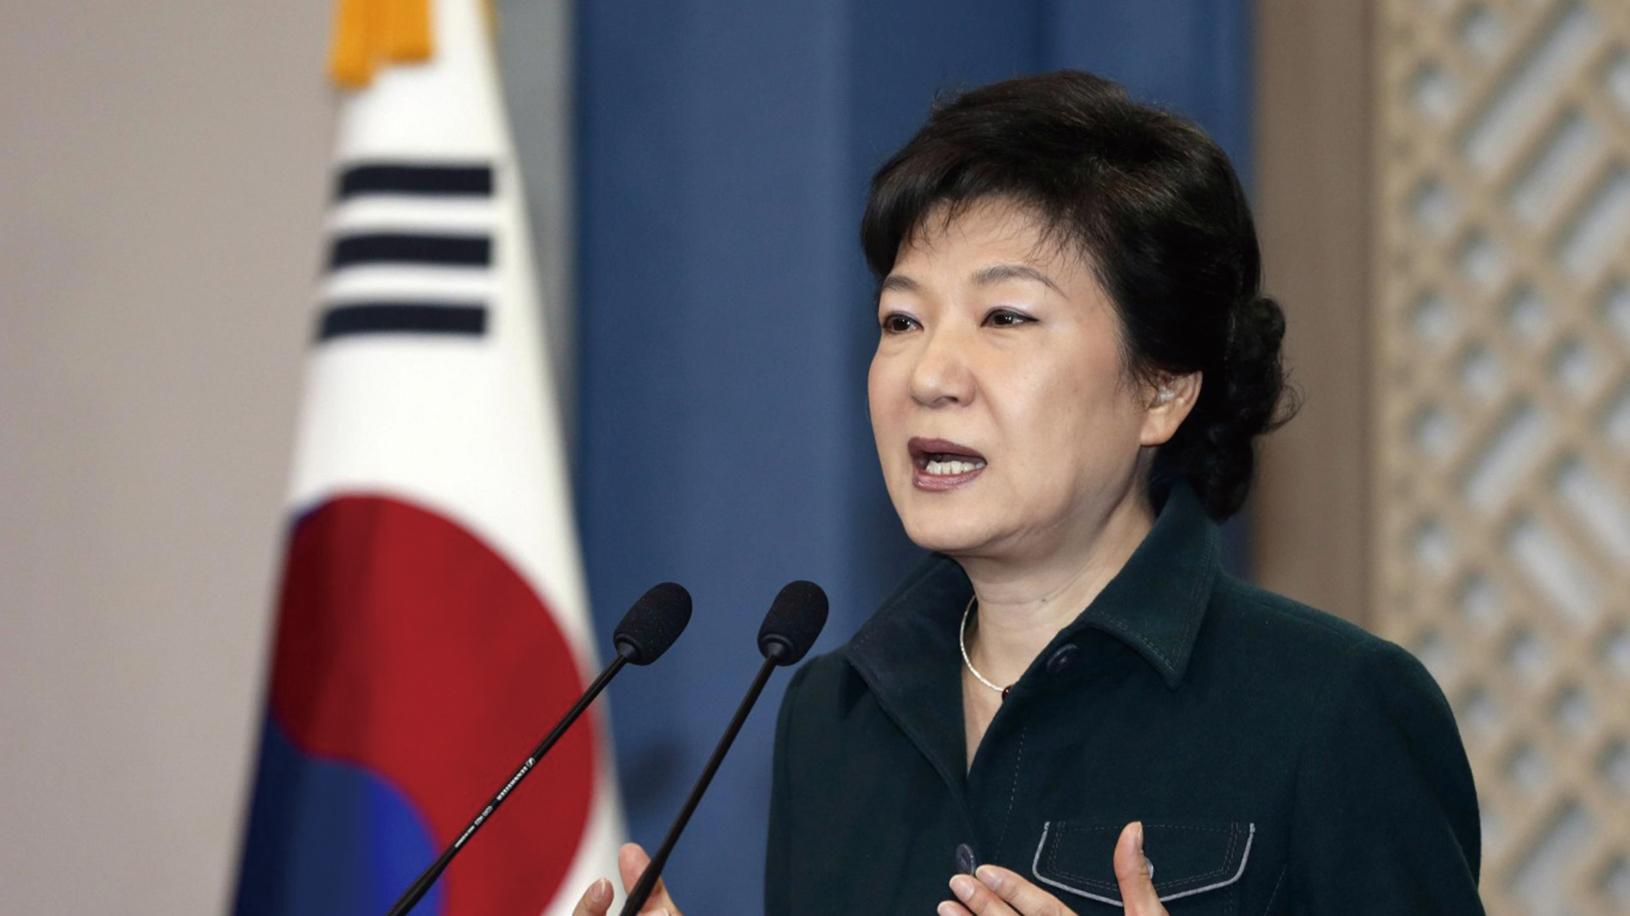 南韓總統朴槿惠10月25日下午在青瓦台新聞中心春秋館就「秘線實勢崔順實干政爭議」,承認曾向被指為秘線親信的崔順實洩露演講稿等文件,為此公開向南韓民眾道歉。(AFP)